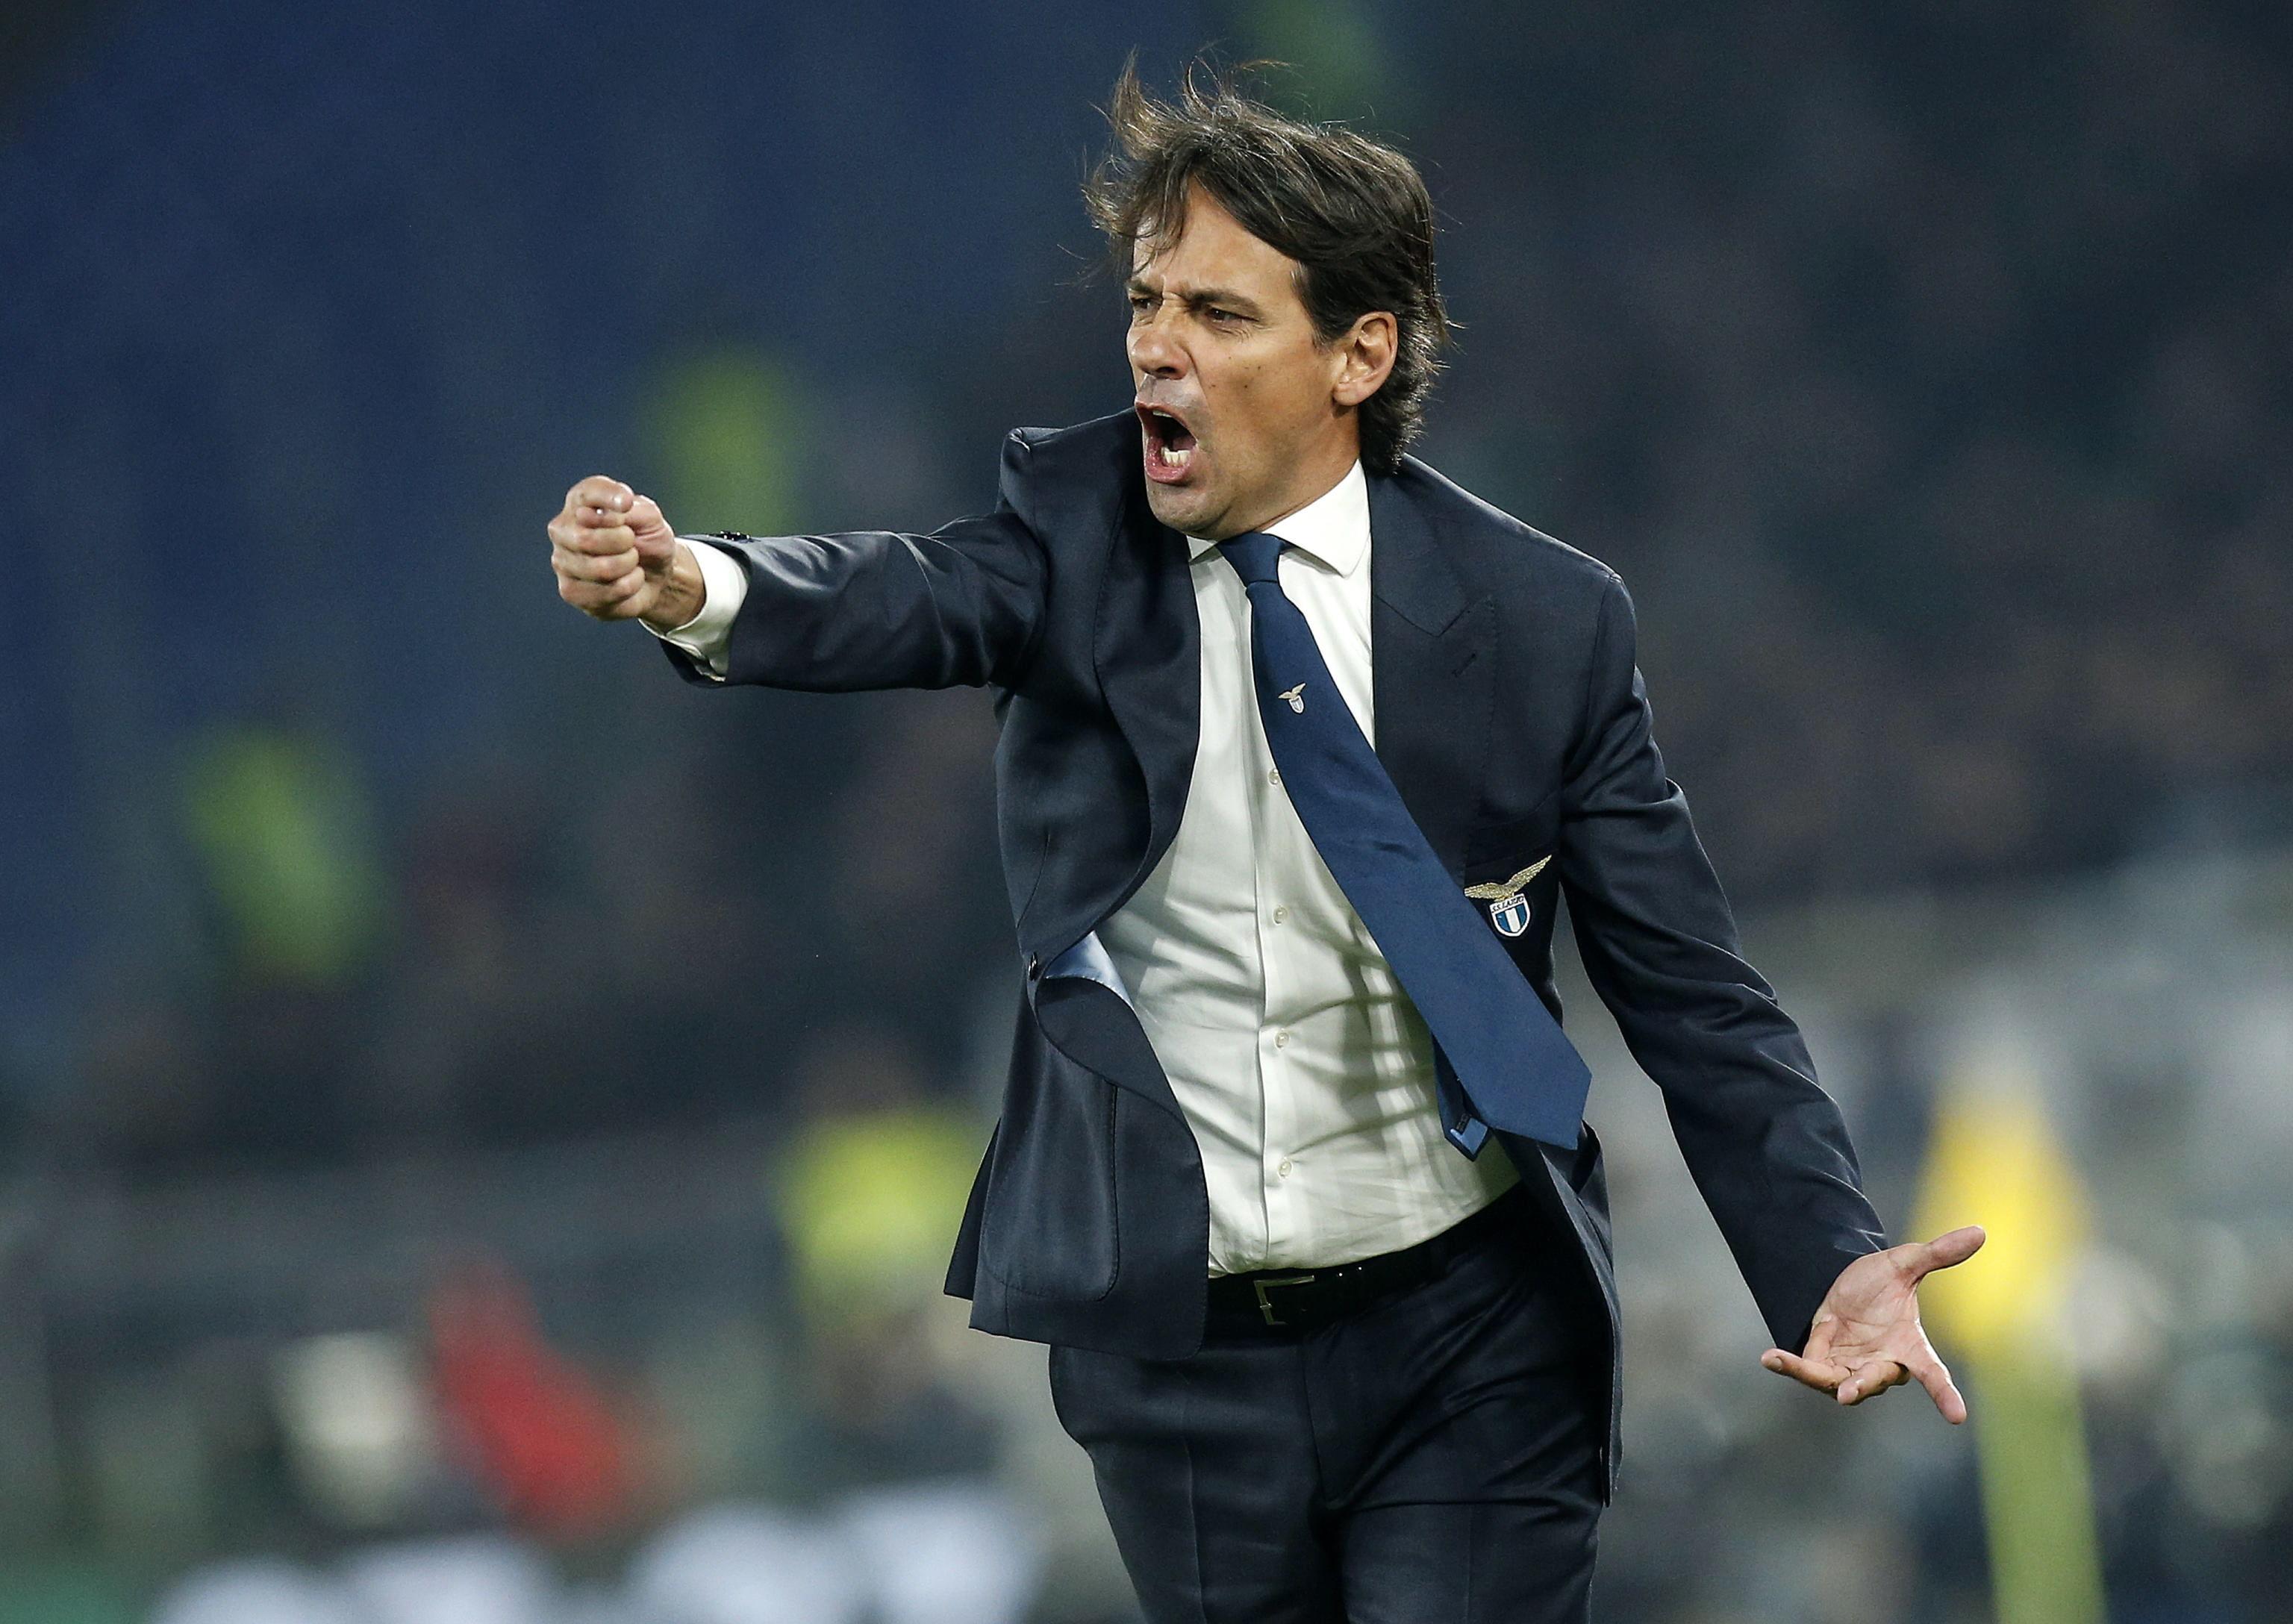 El Napoli sigue regalando puntos, derrotado por la Lazio